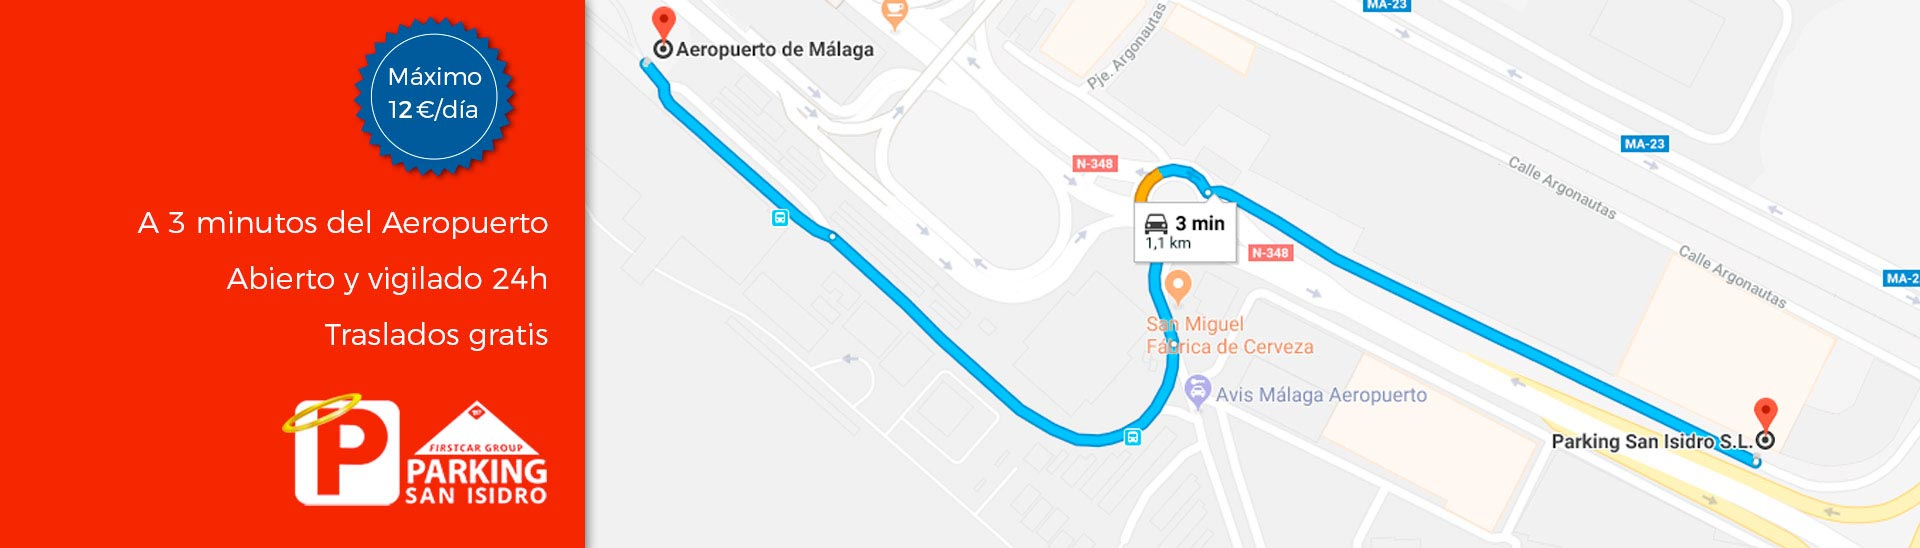 como llegar al parking san isidro aeropuerto malaga